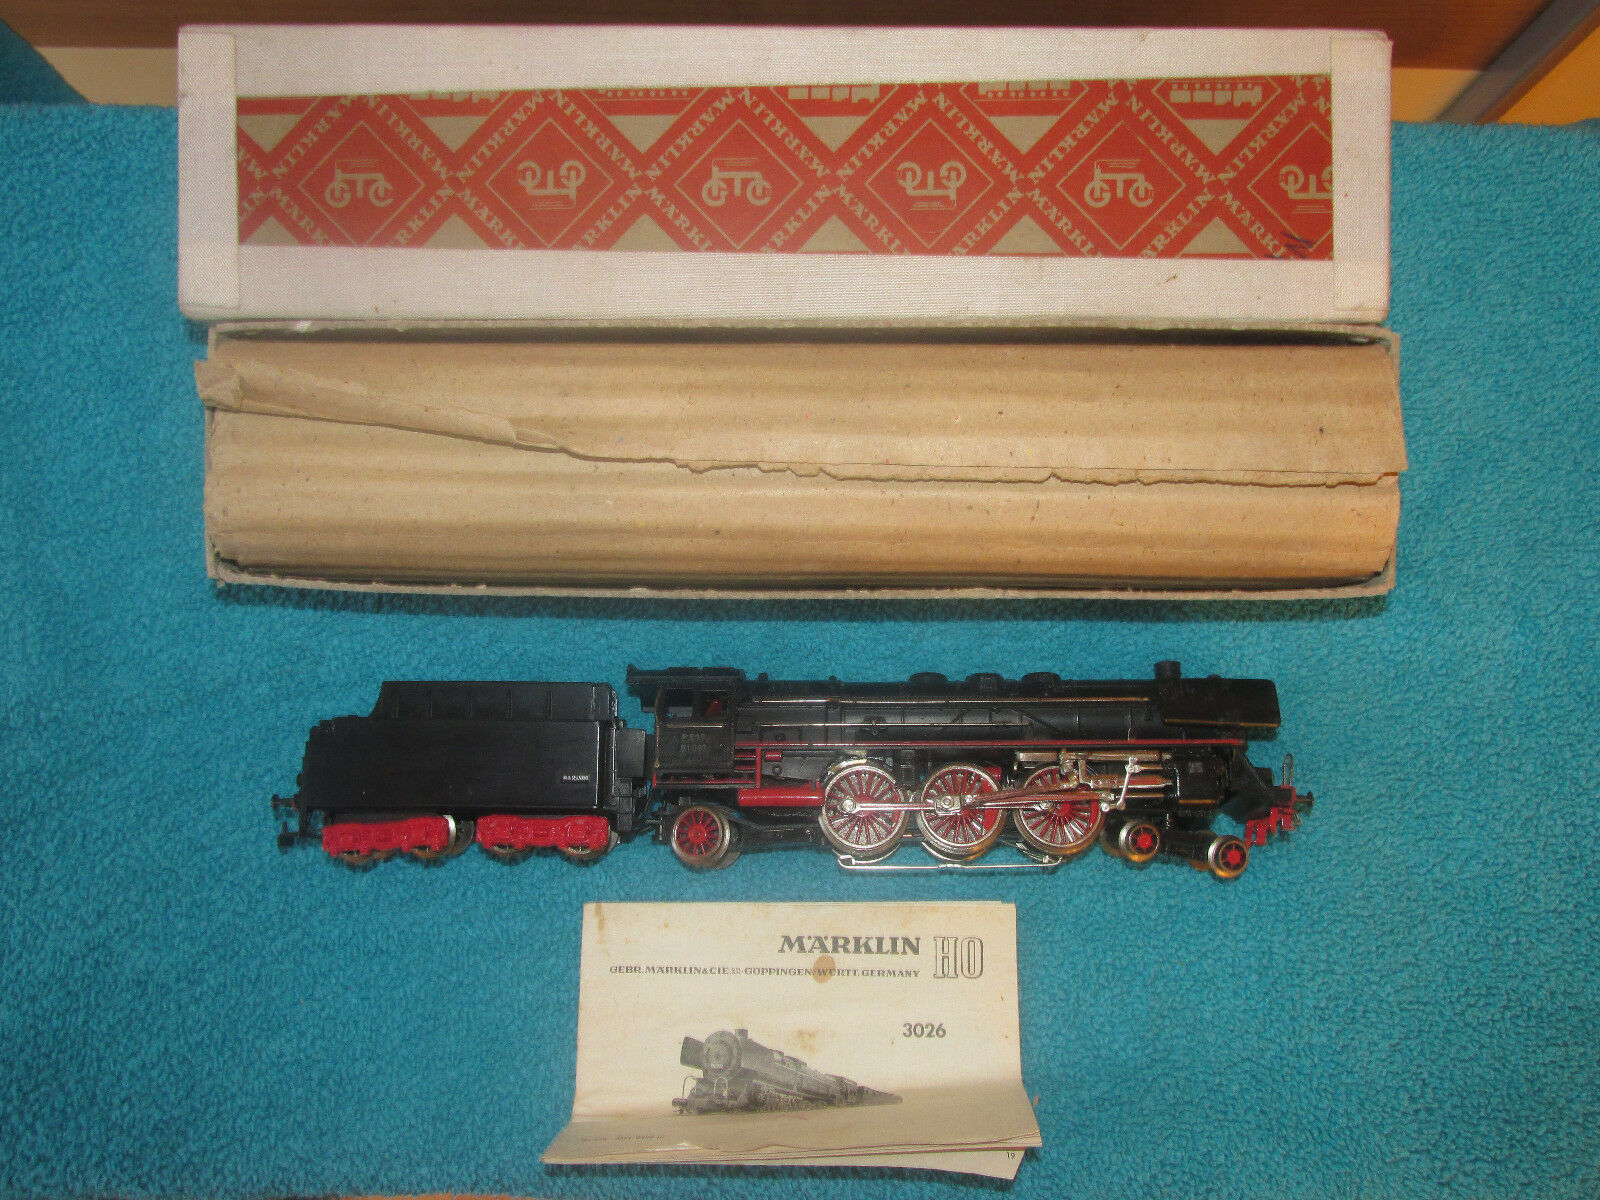 Märklin H0 3026 Typ 1 Locomotora Ténder Br 01 Db, Bn 01 097 , Embalaje Original